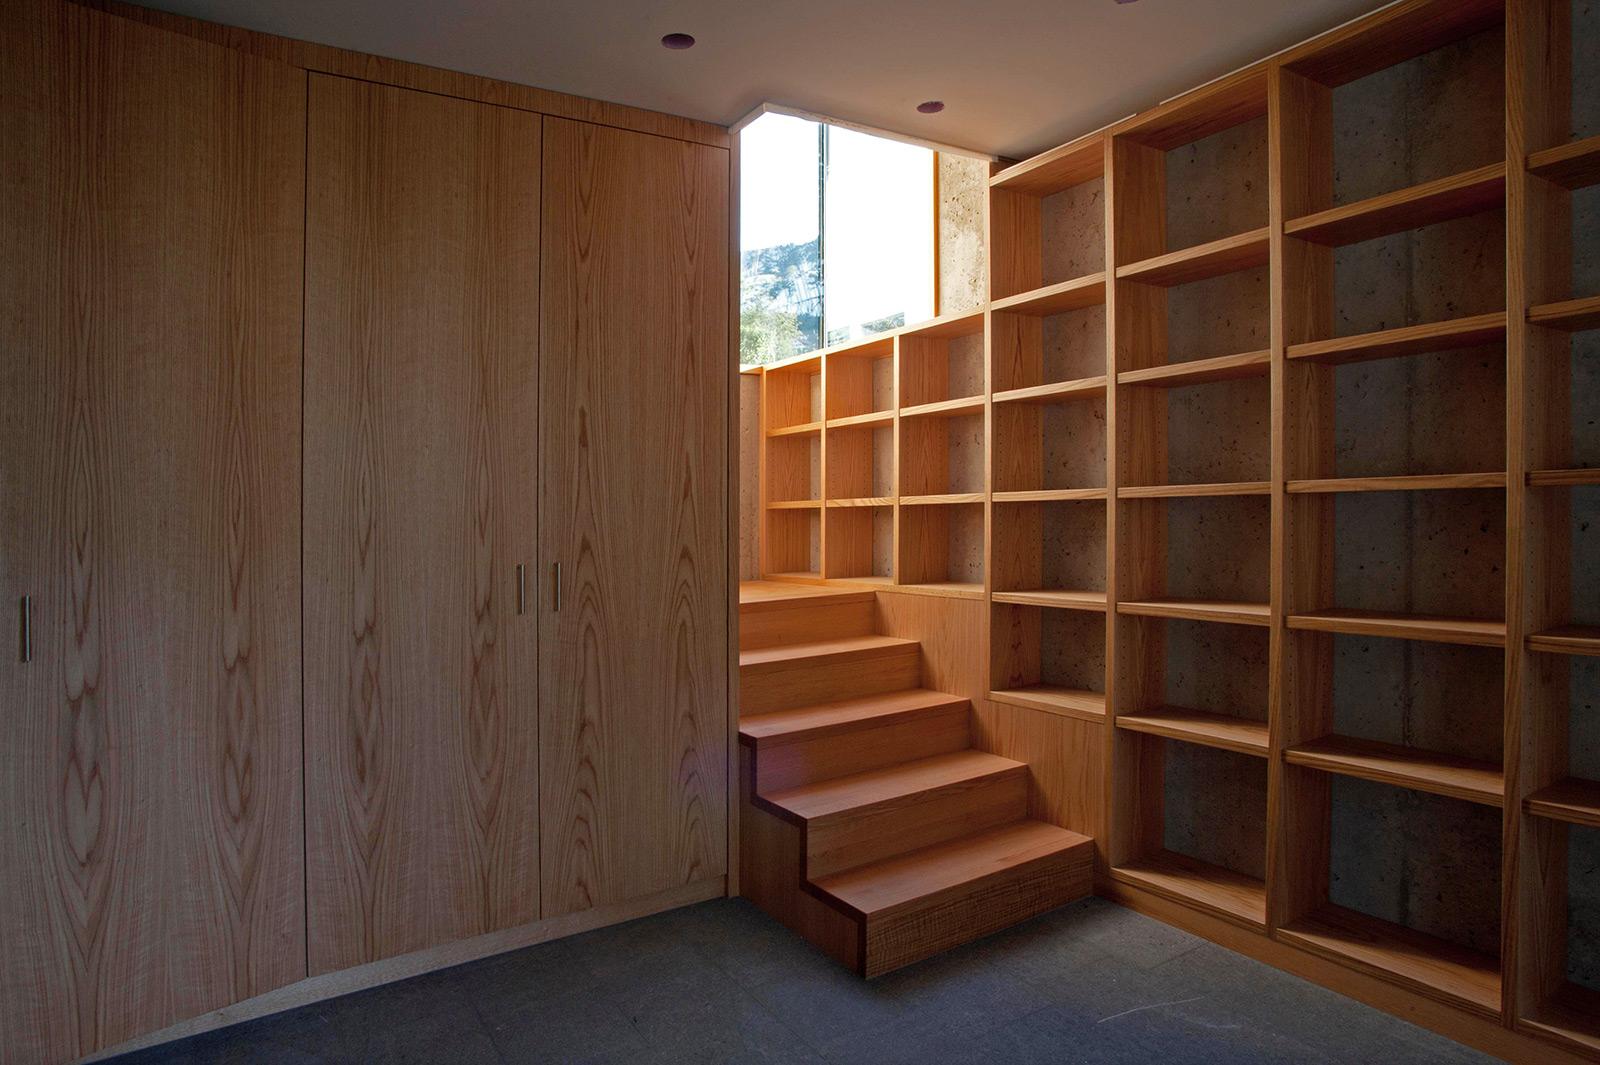 UG Bibliothek